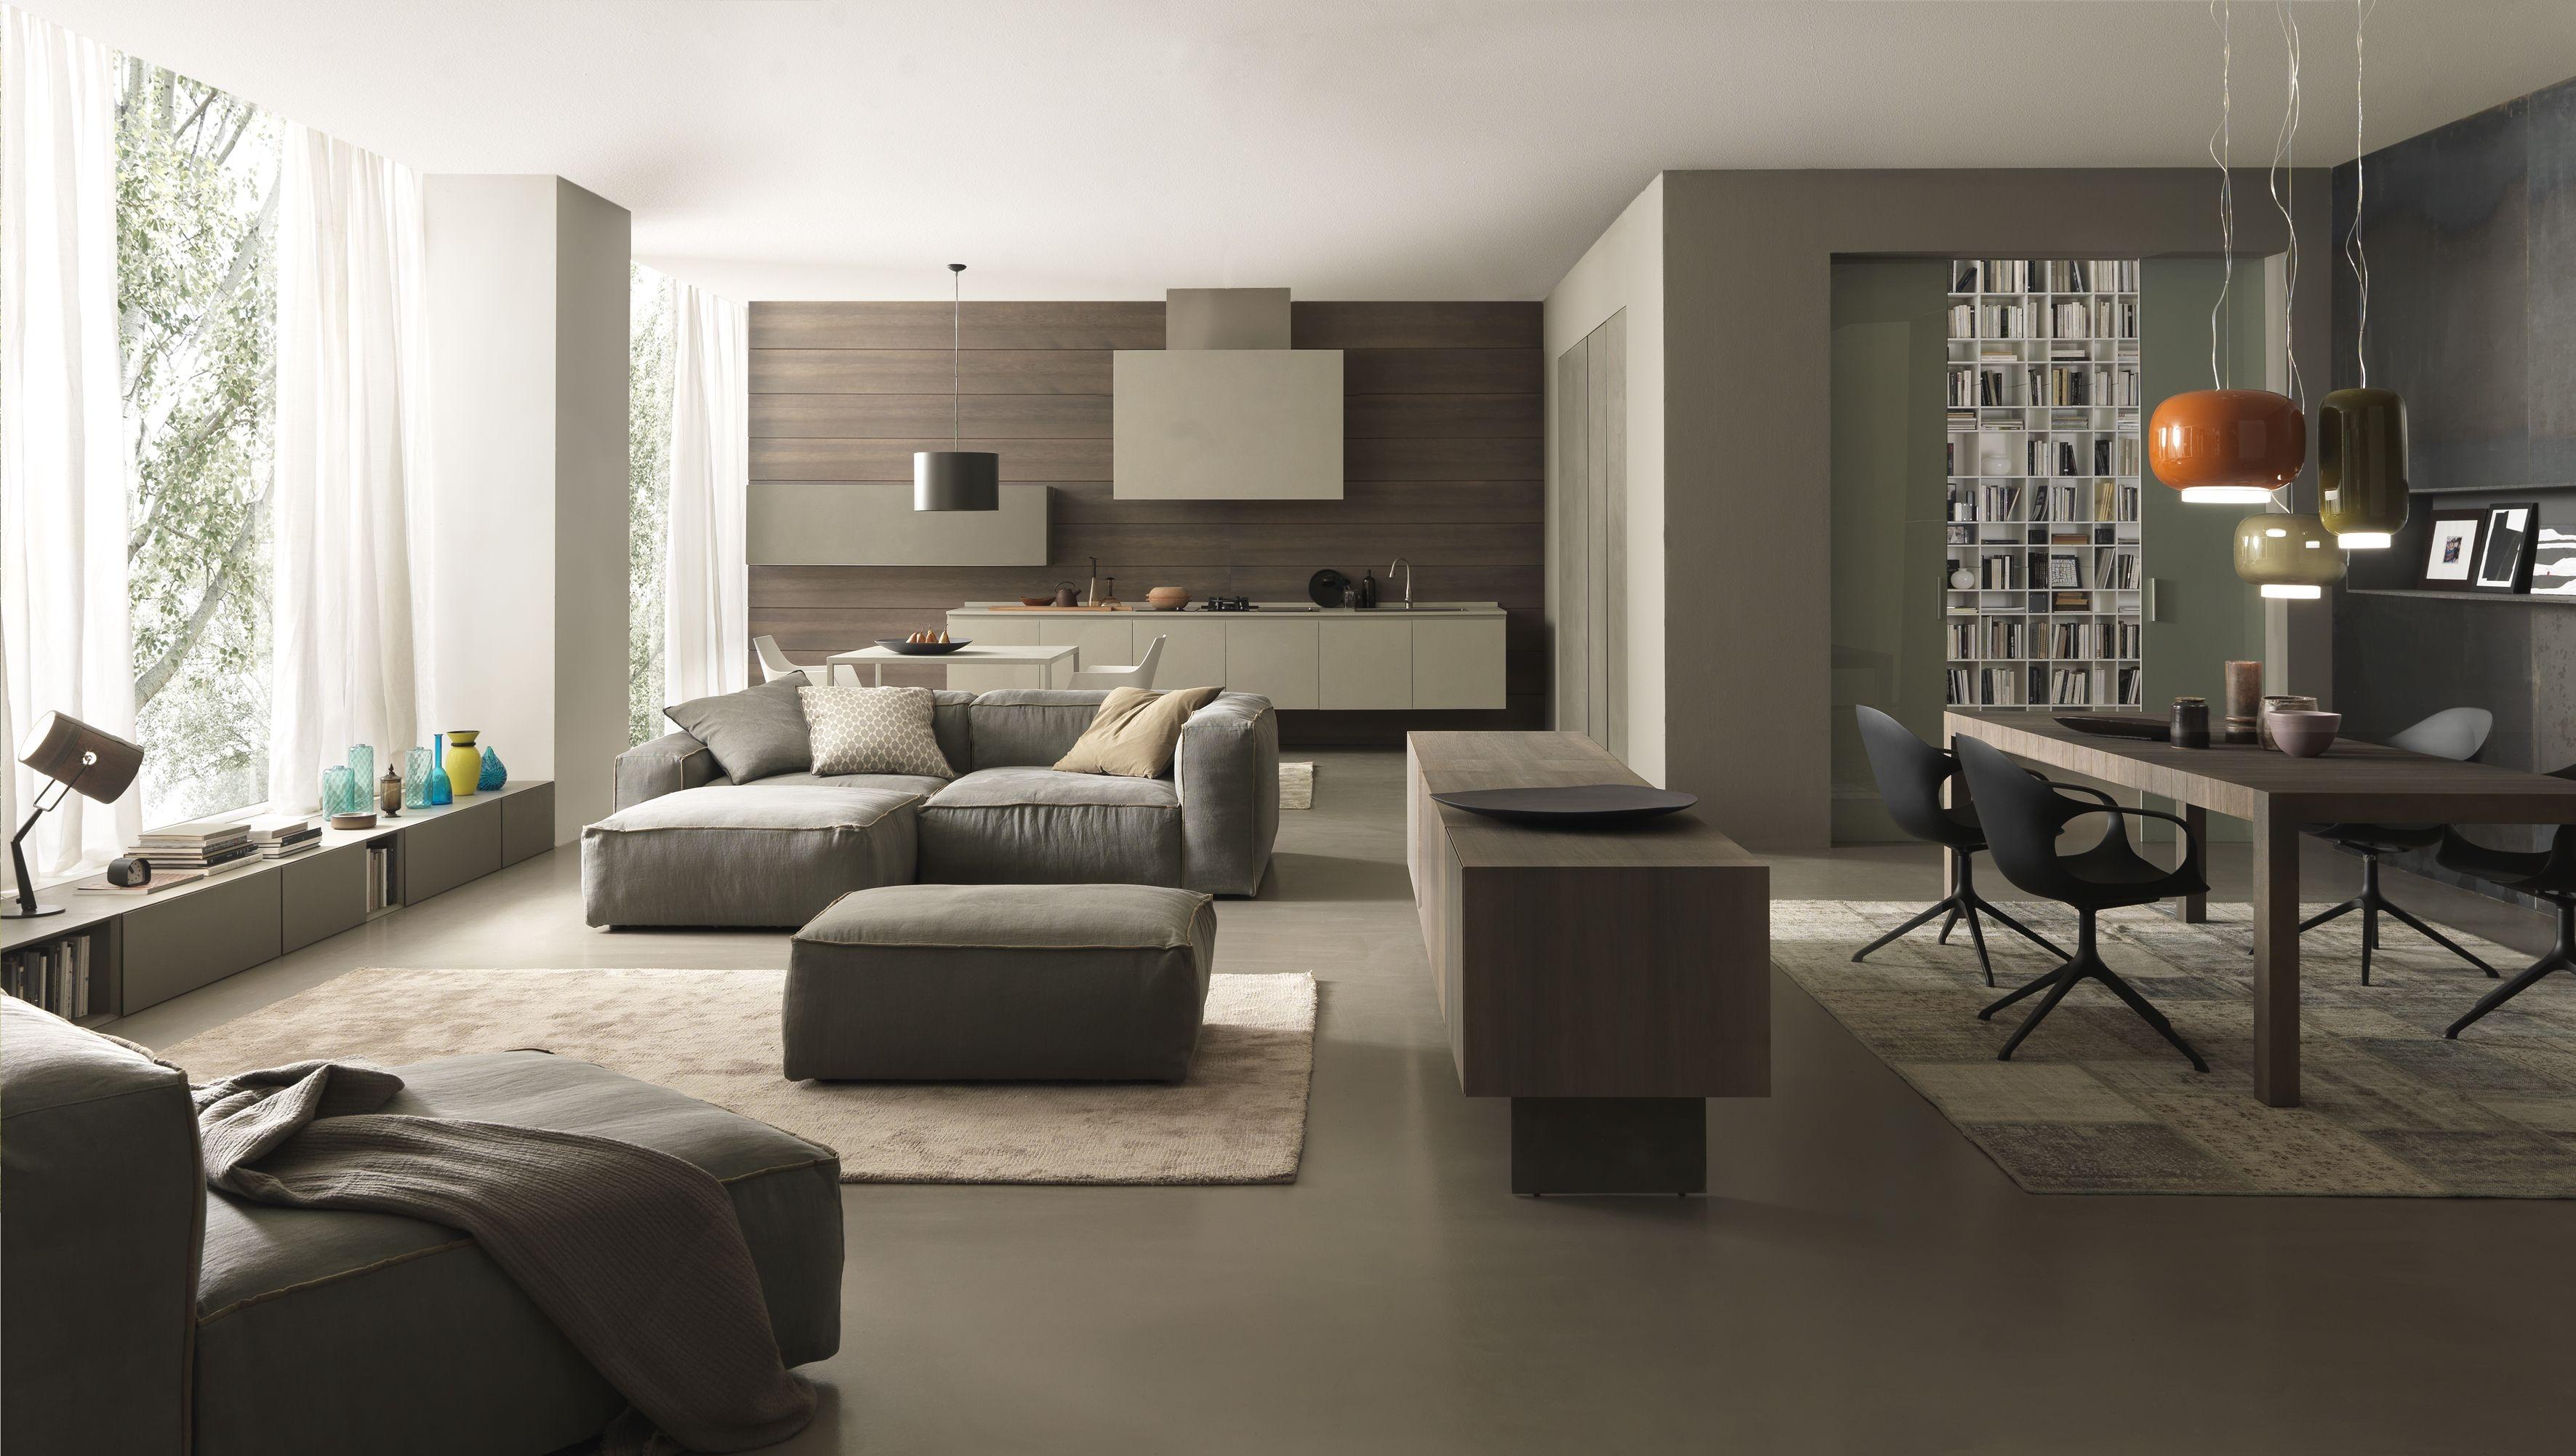 Progettazione arredamento di interni a genova arte in for Casa interni